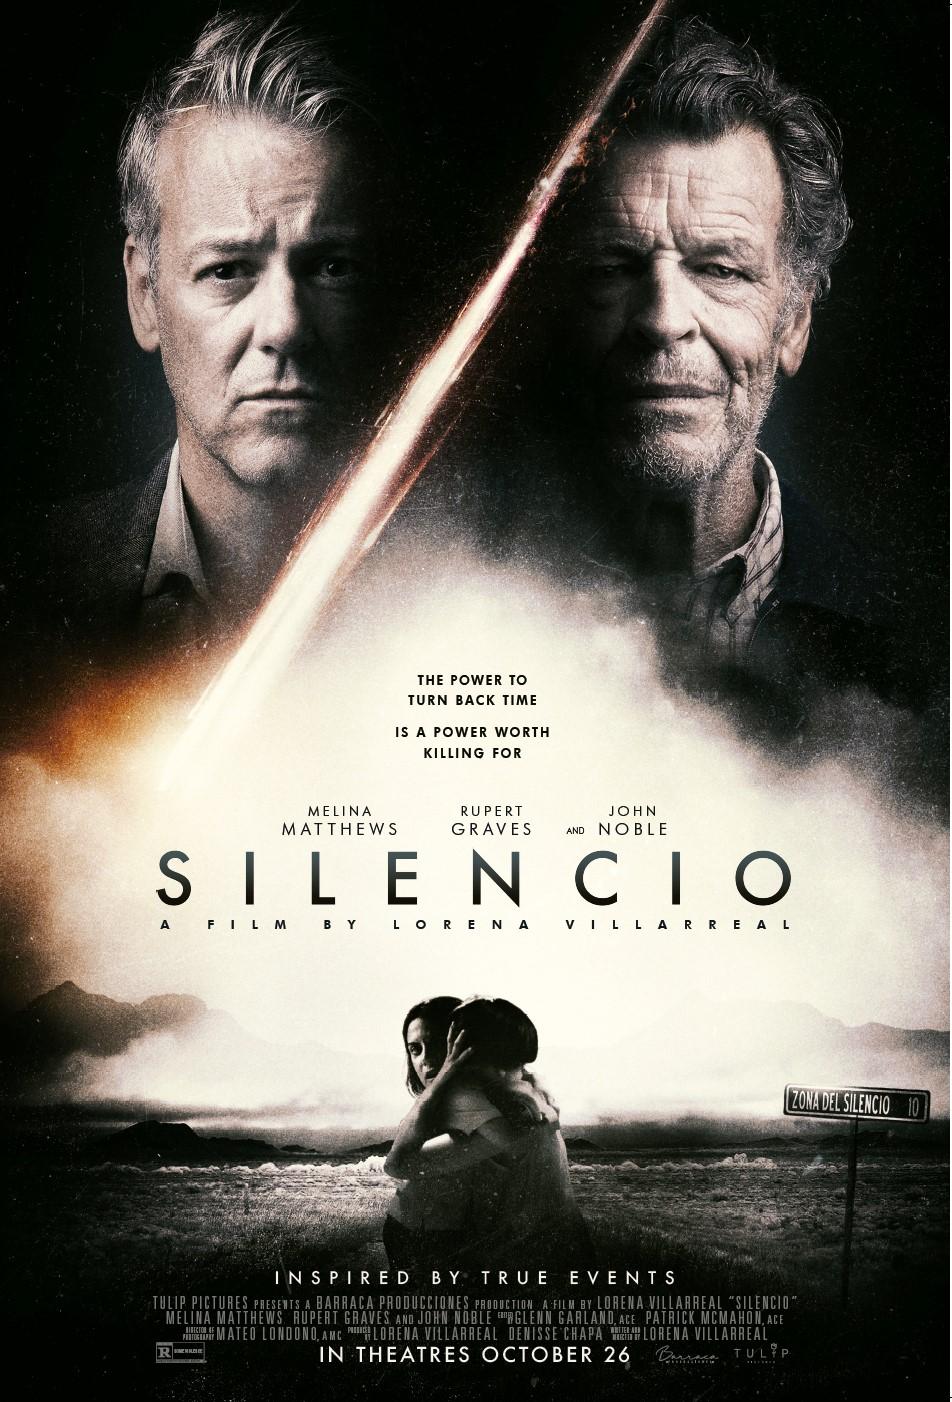 SILENCIO Release Poster